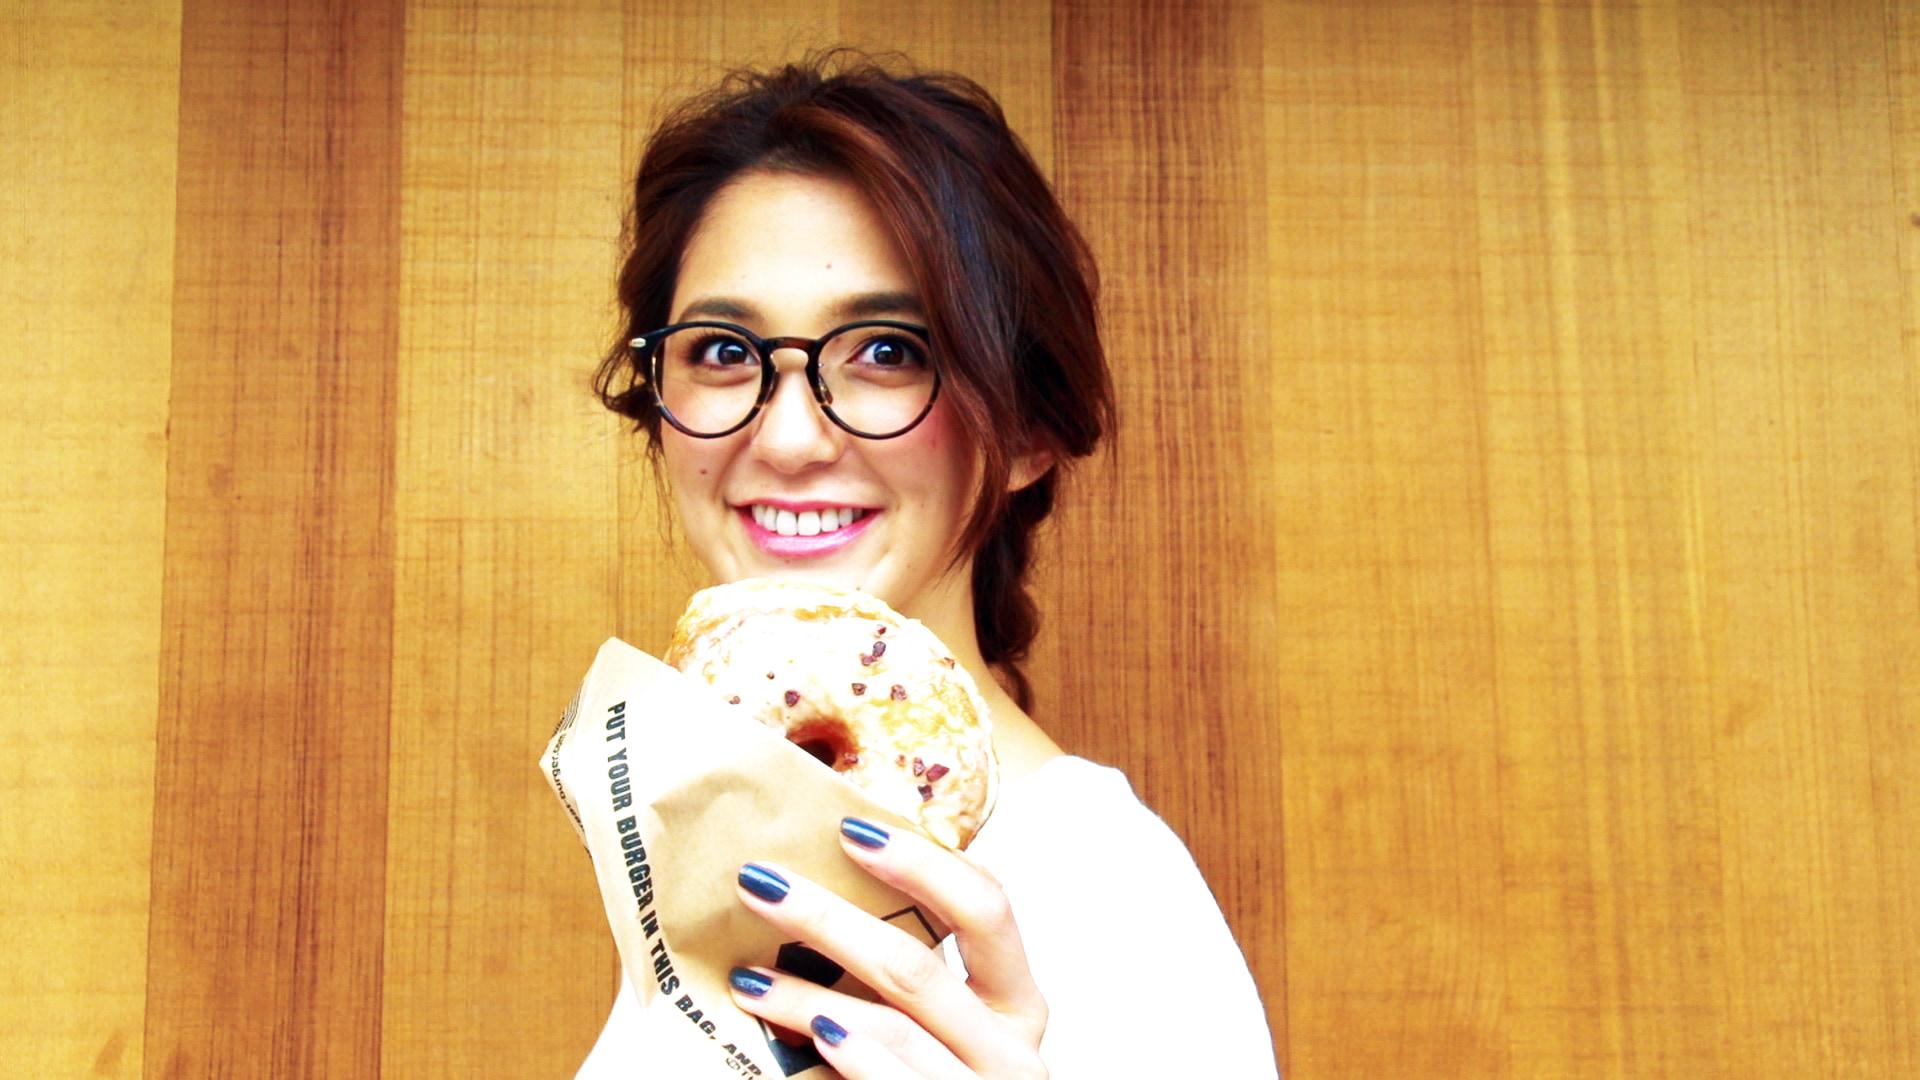 秋オシャレの決め手は、オリバーピープルズの最旬メガネ【vol.1】ボストンメガネ